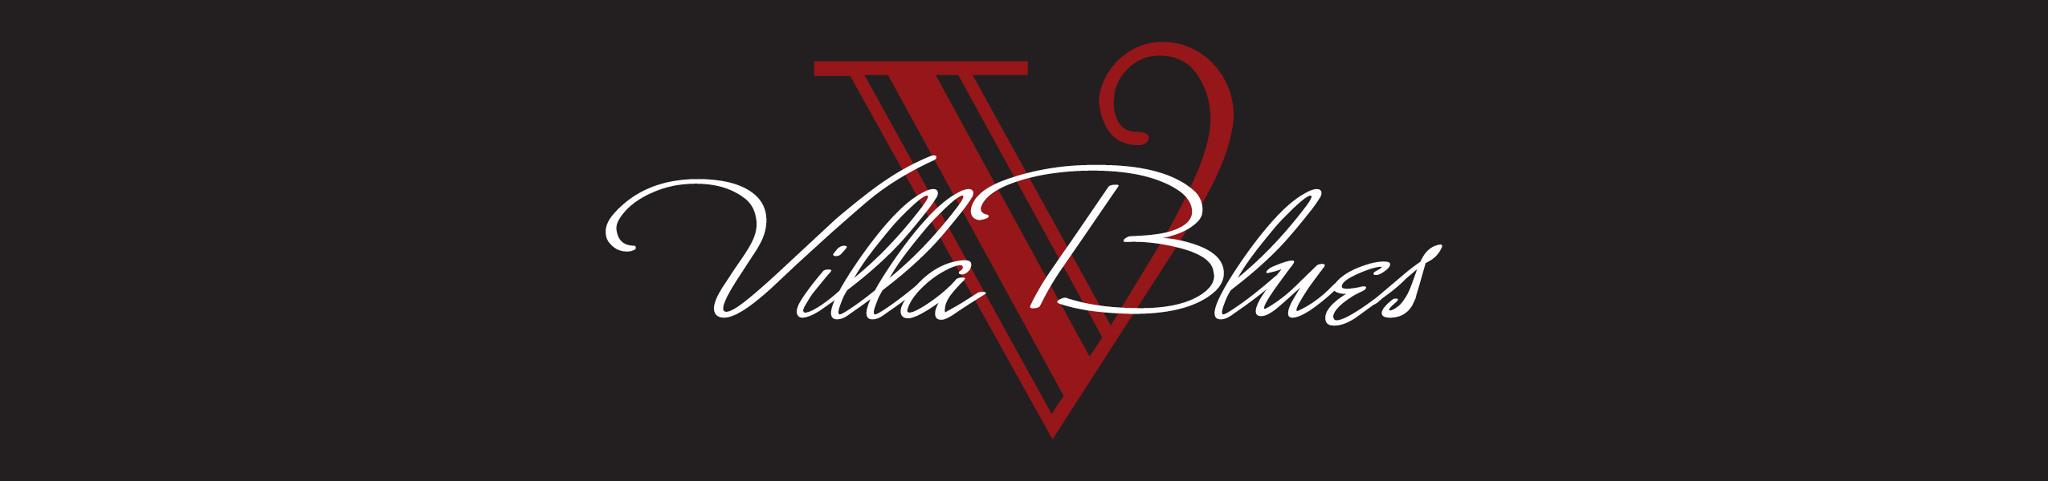 VillaBluesTrioLogo